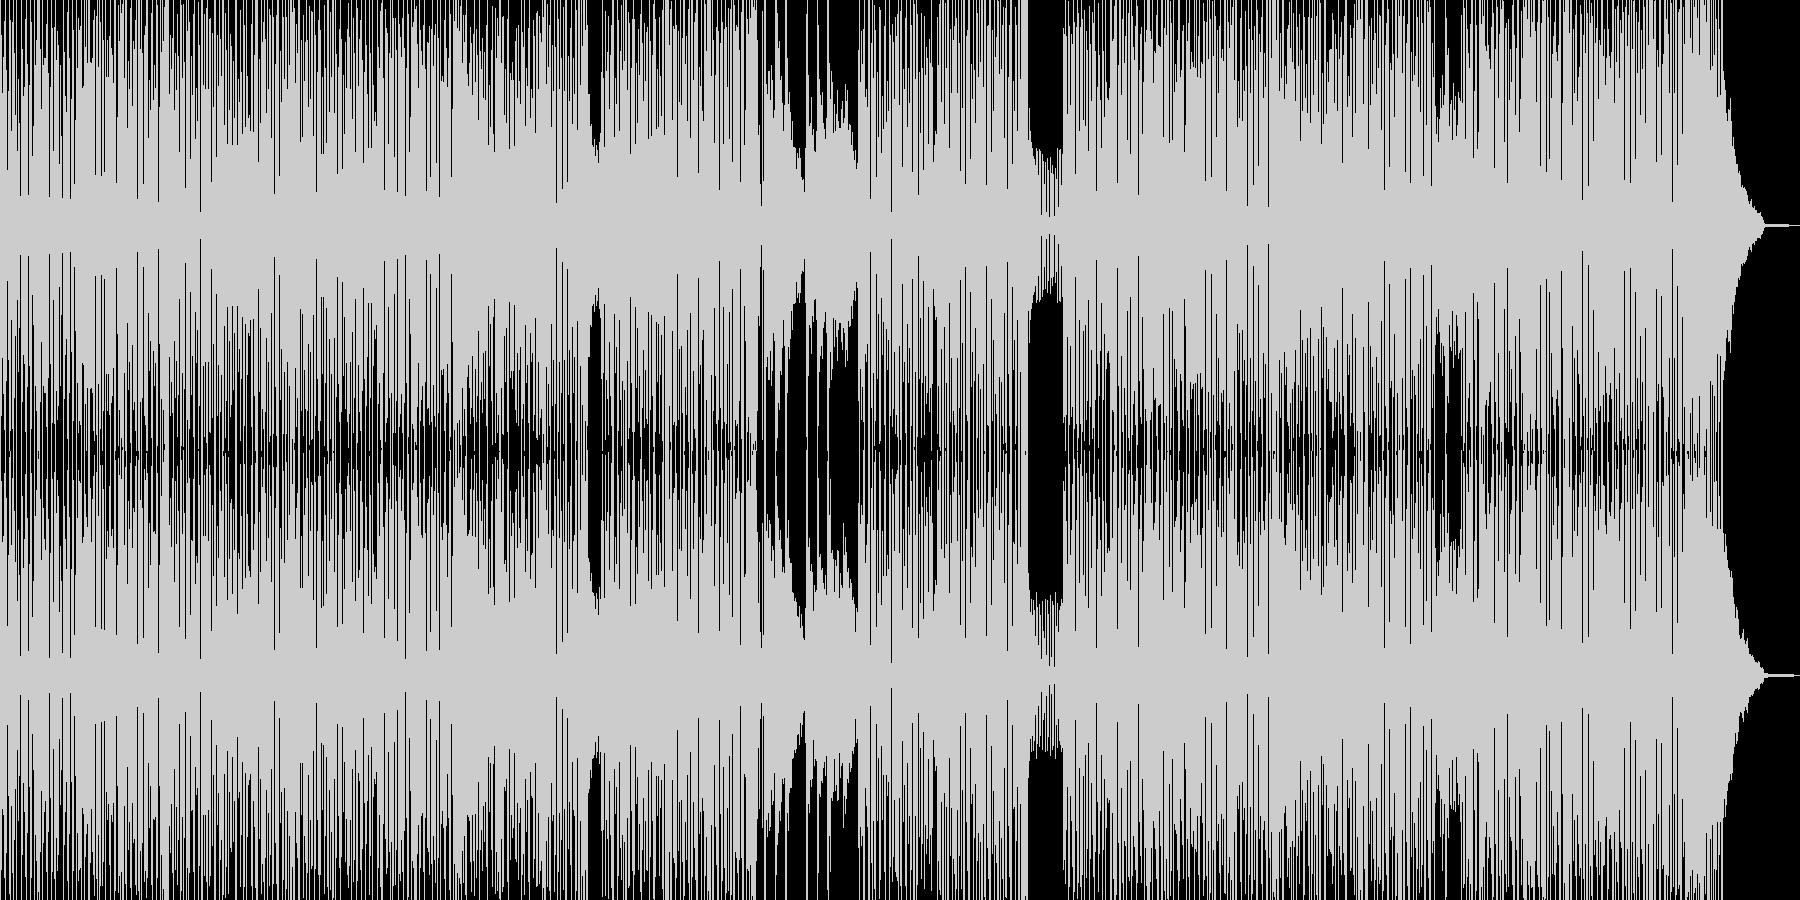 横スクロールゲームのようなコミカルR&Bの未再生の波形